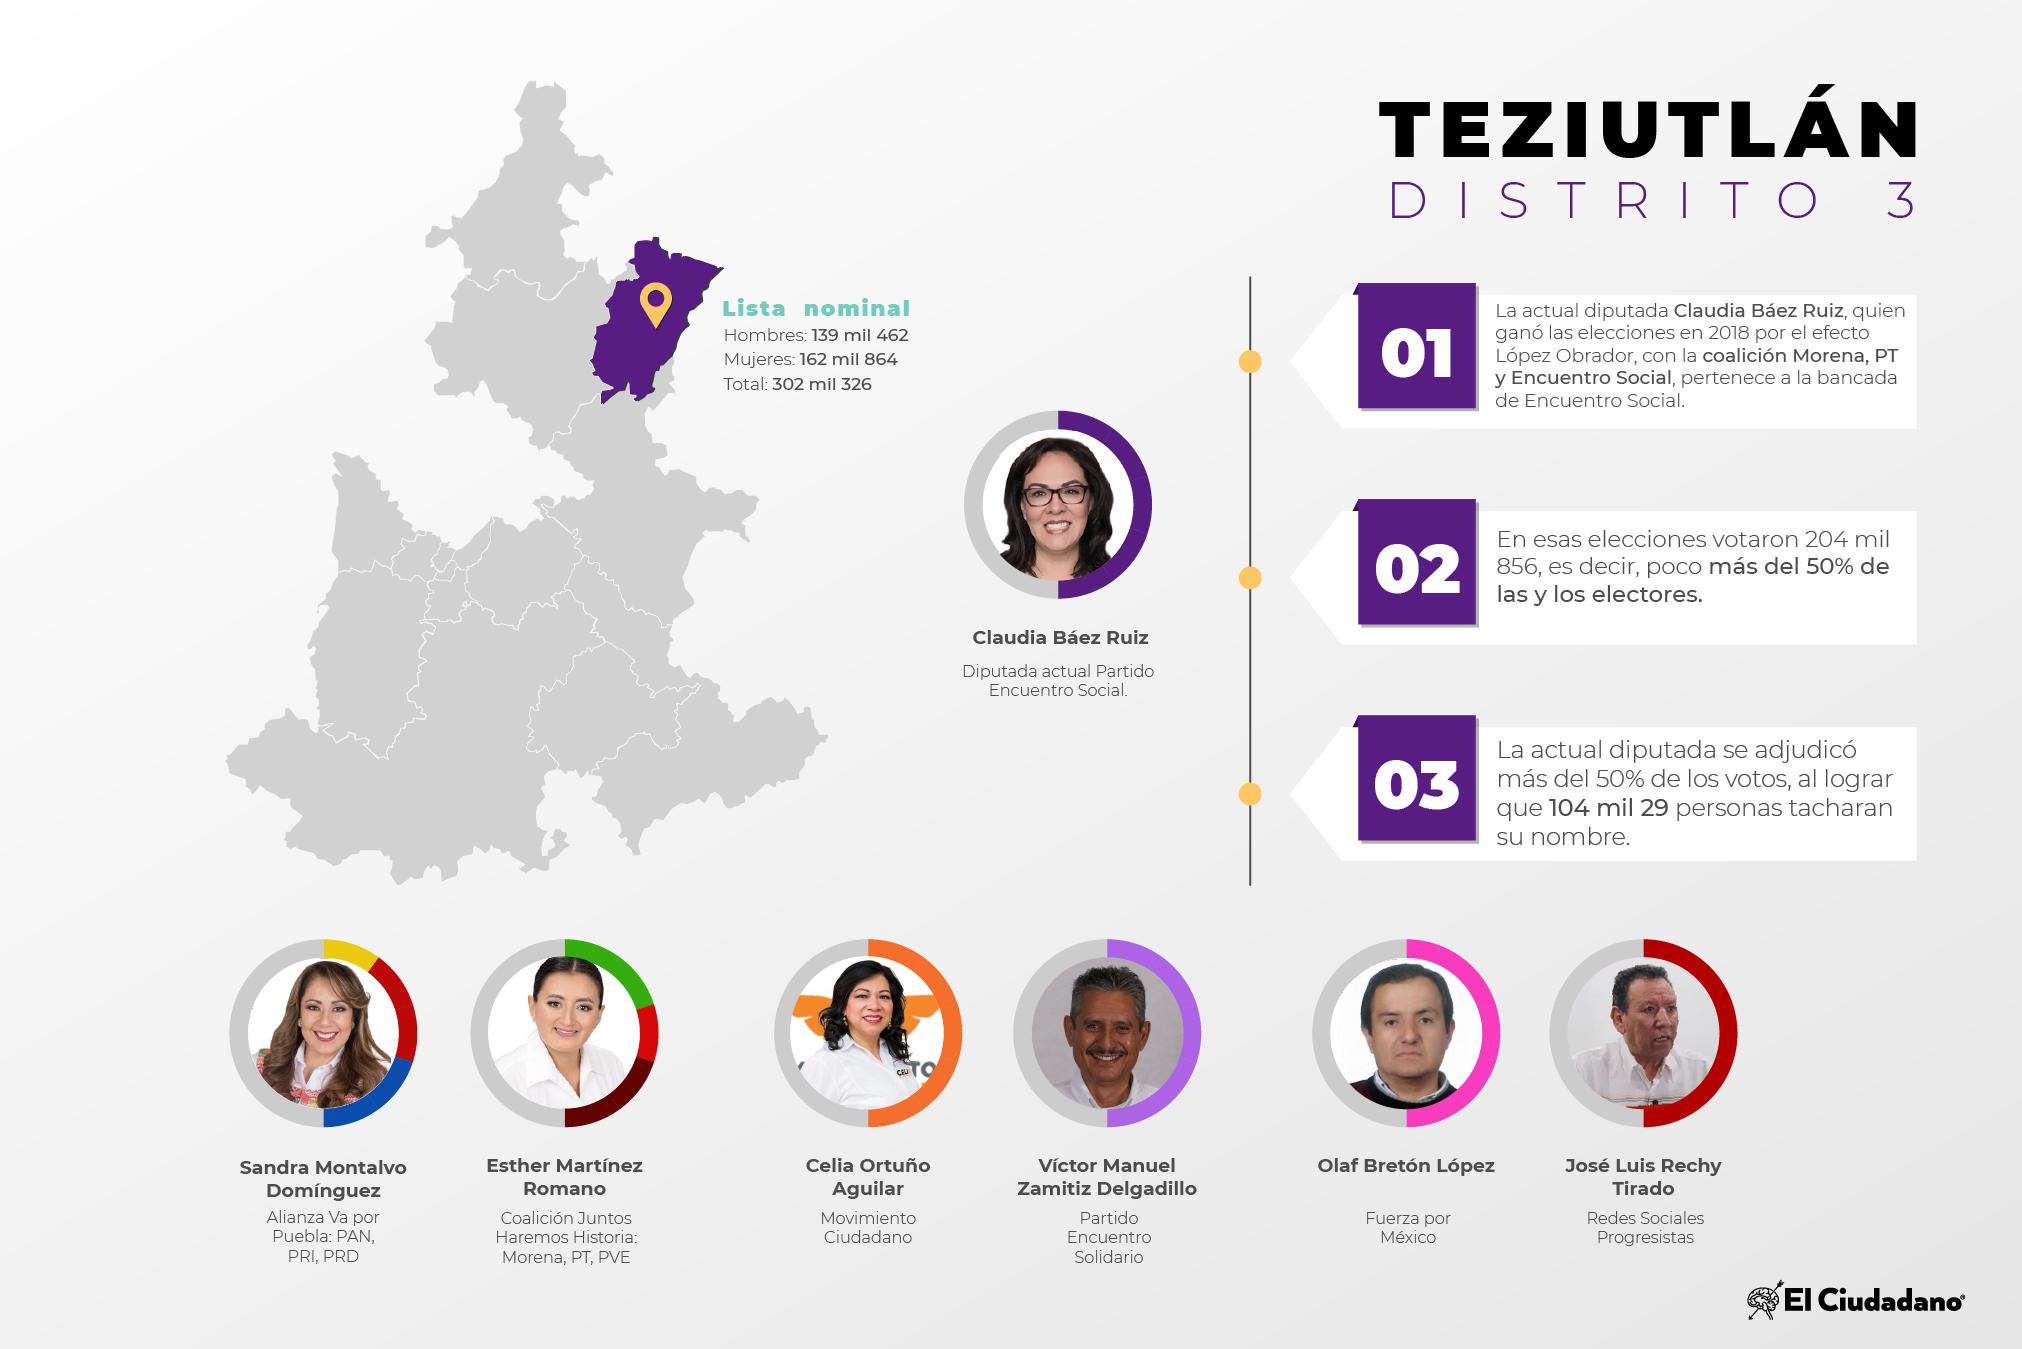 Radiografía de distritos electorales federales: Distrito 3, Teziutlán